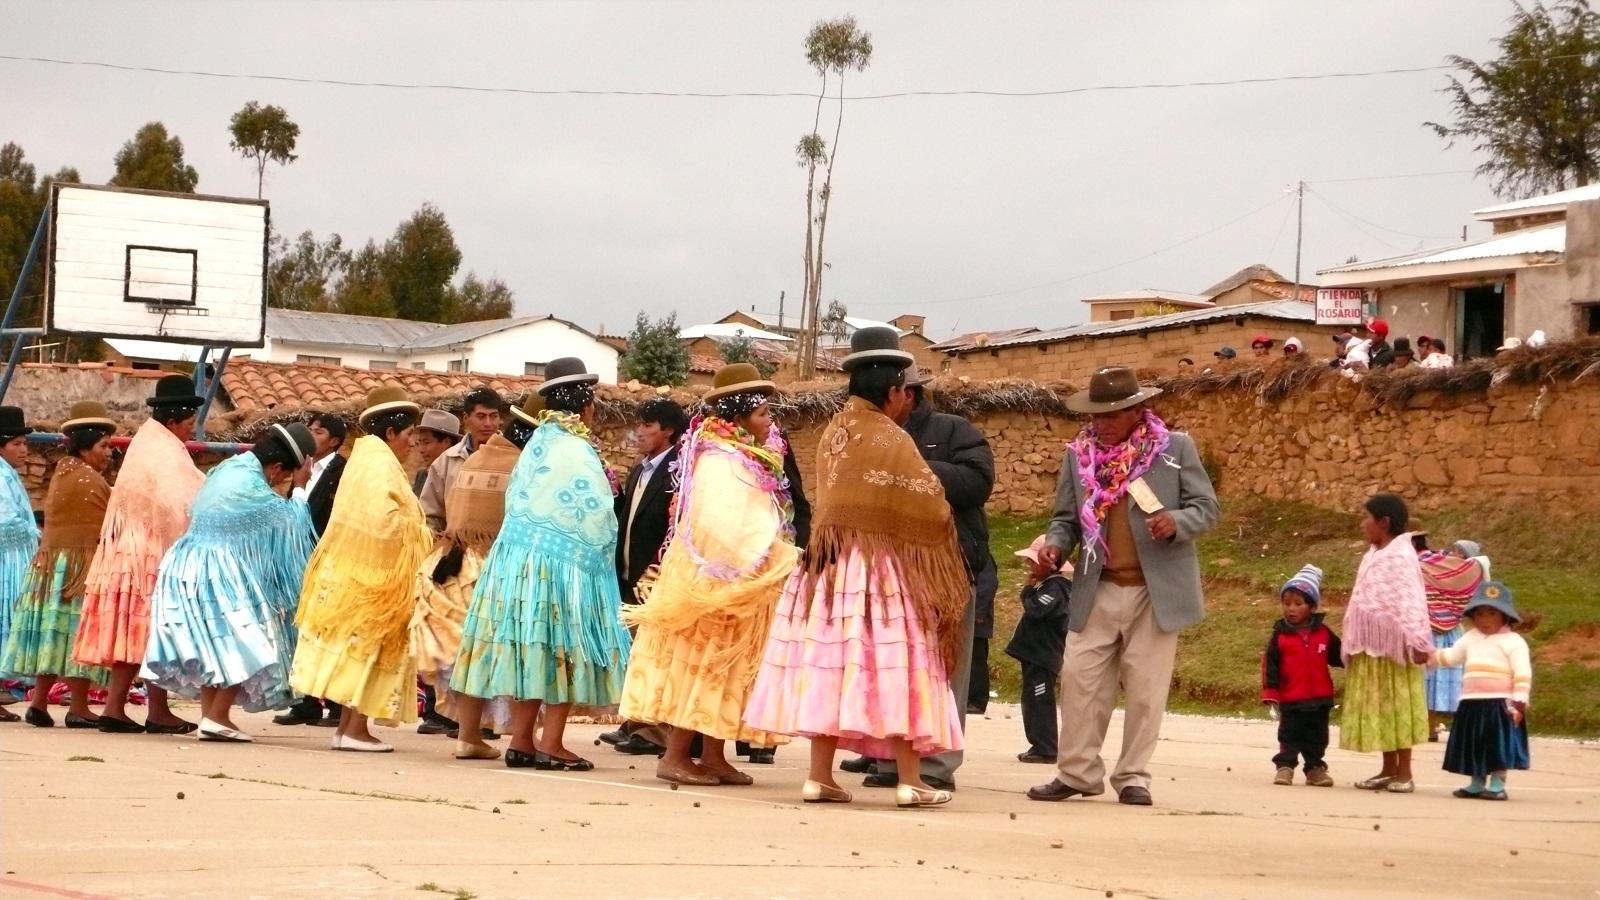 Bolivia, Isla del Sol.